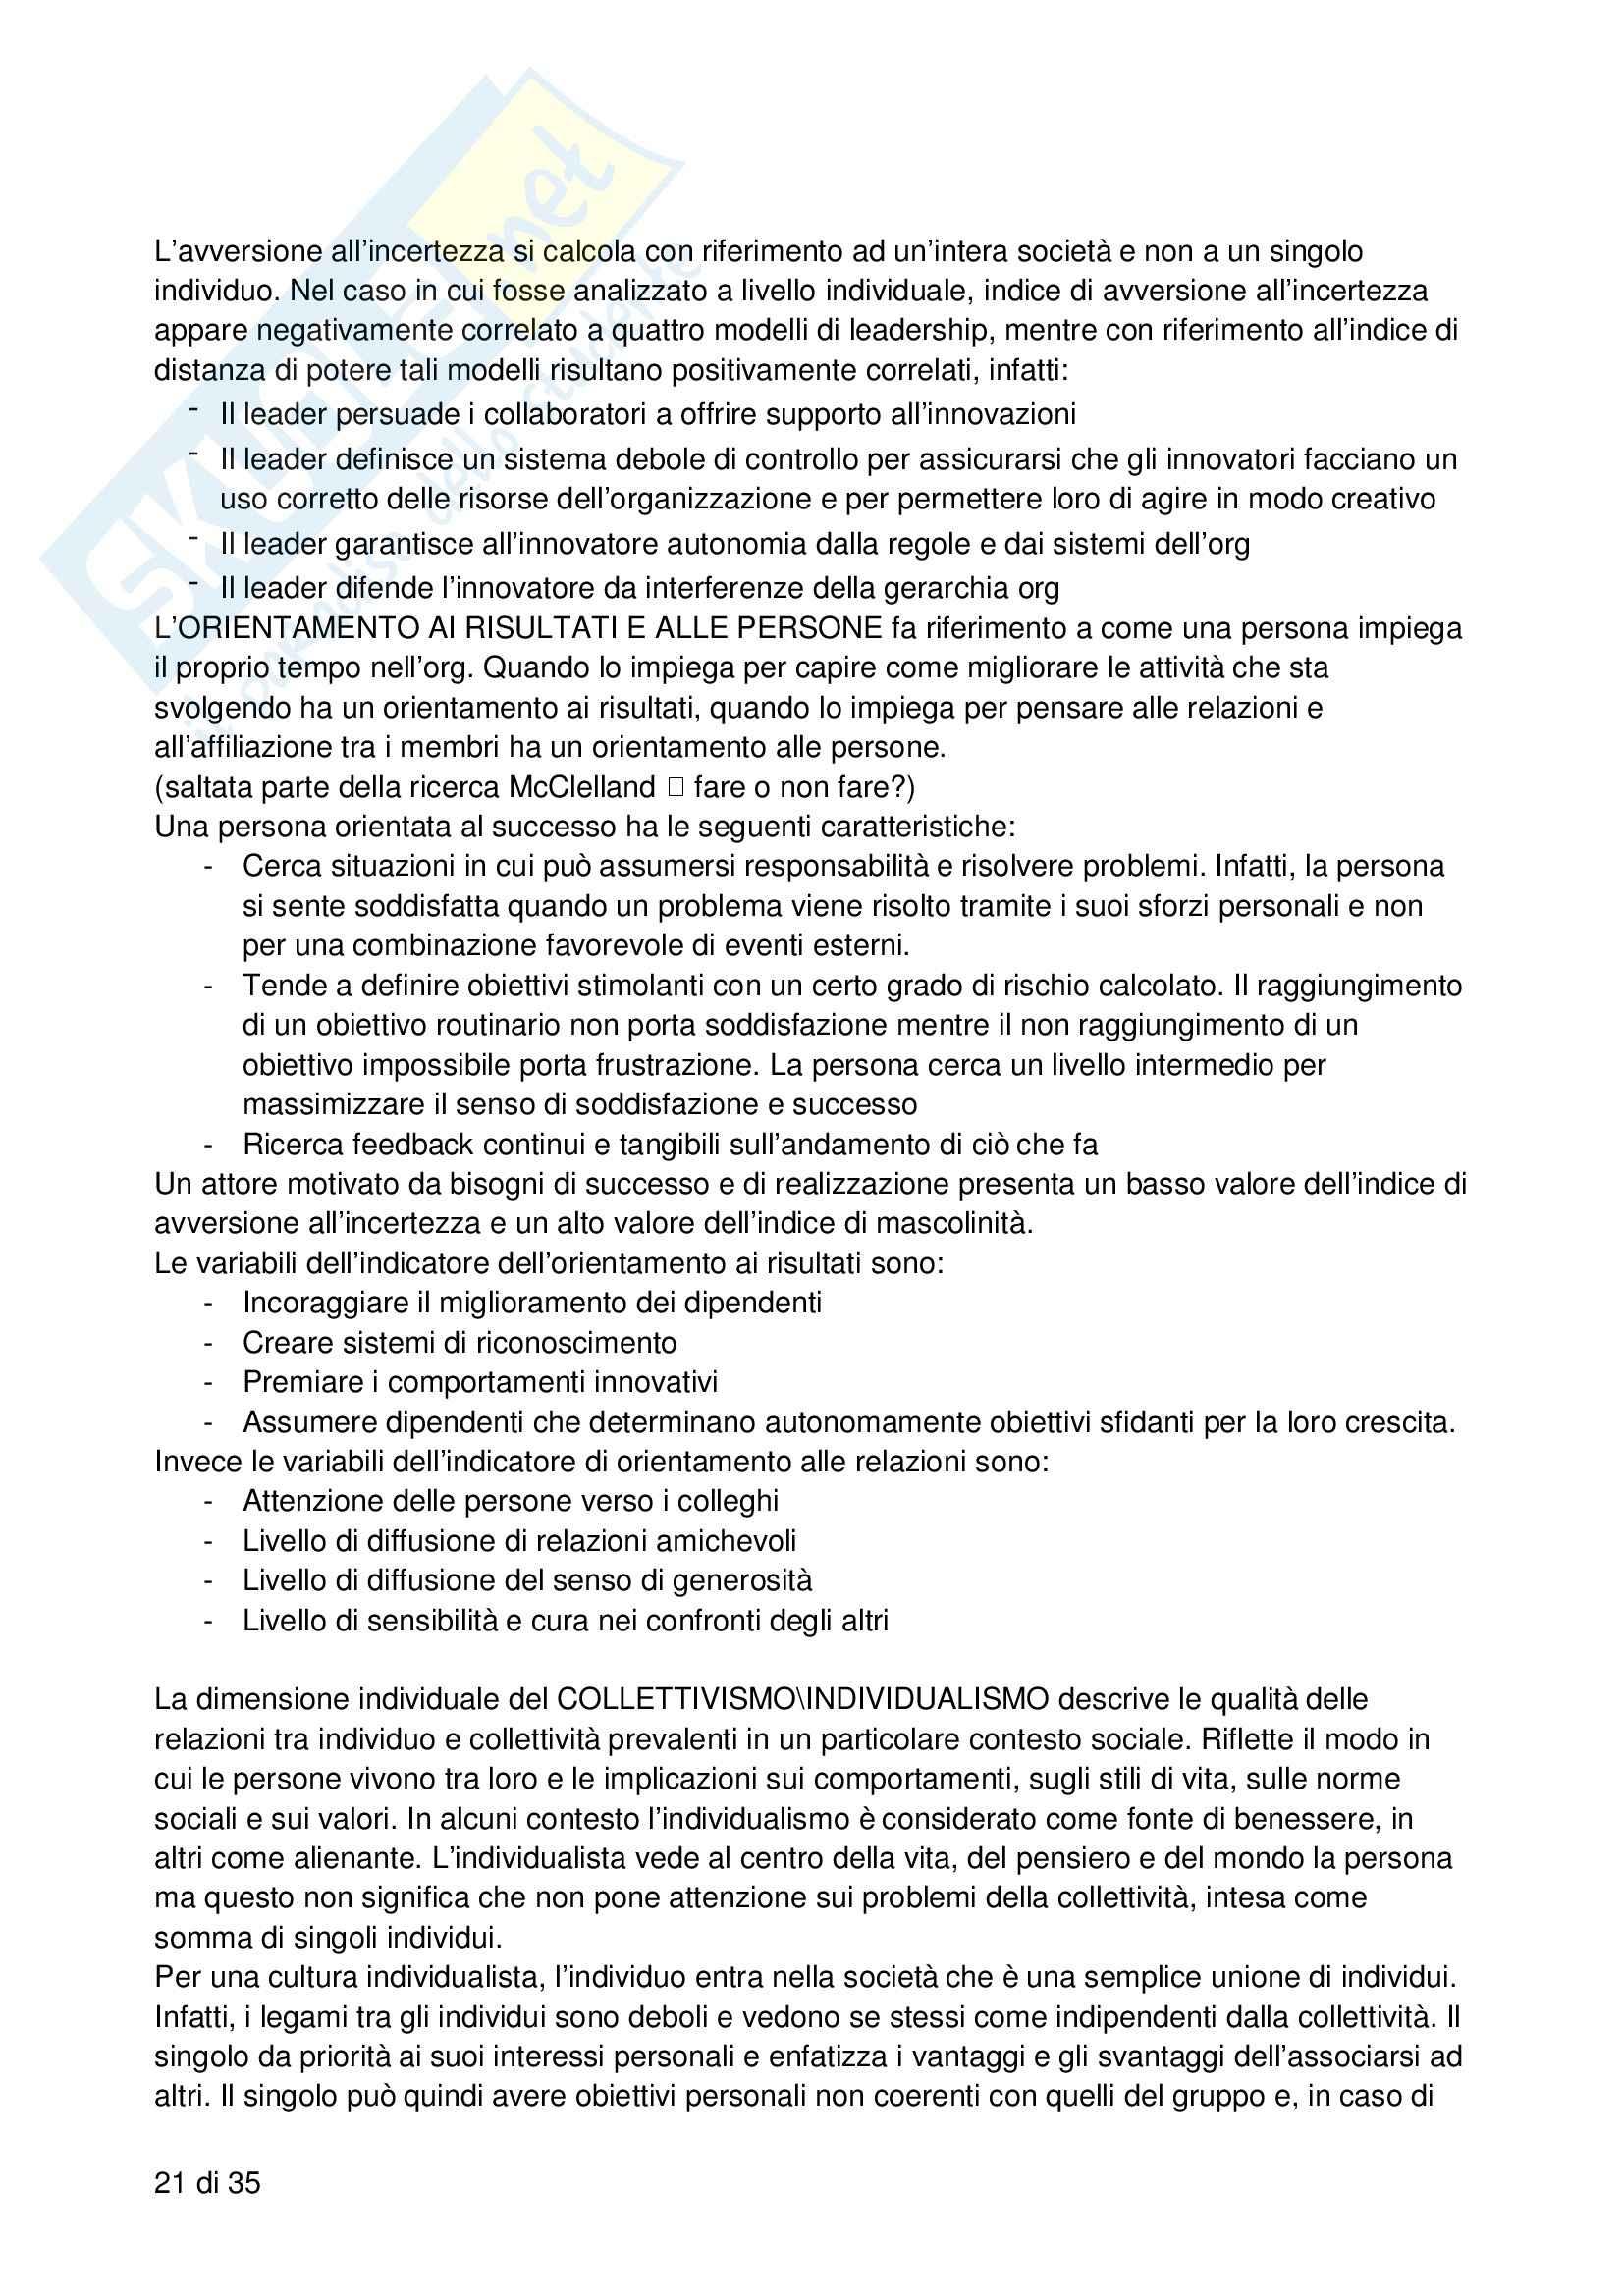 Riassunto esame Processi decisionali, negoziazione e leadership, prof. Bodega, libro consigliato Forme di leadership, Bodega Pag. 21